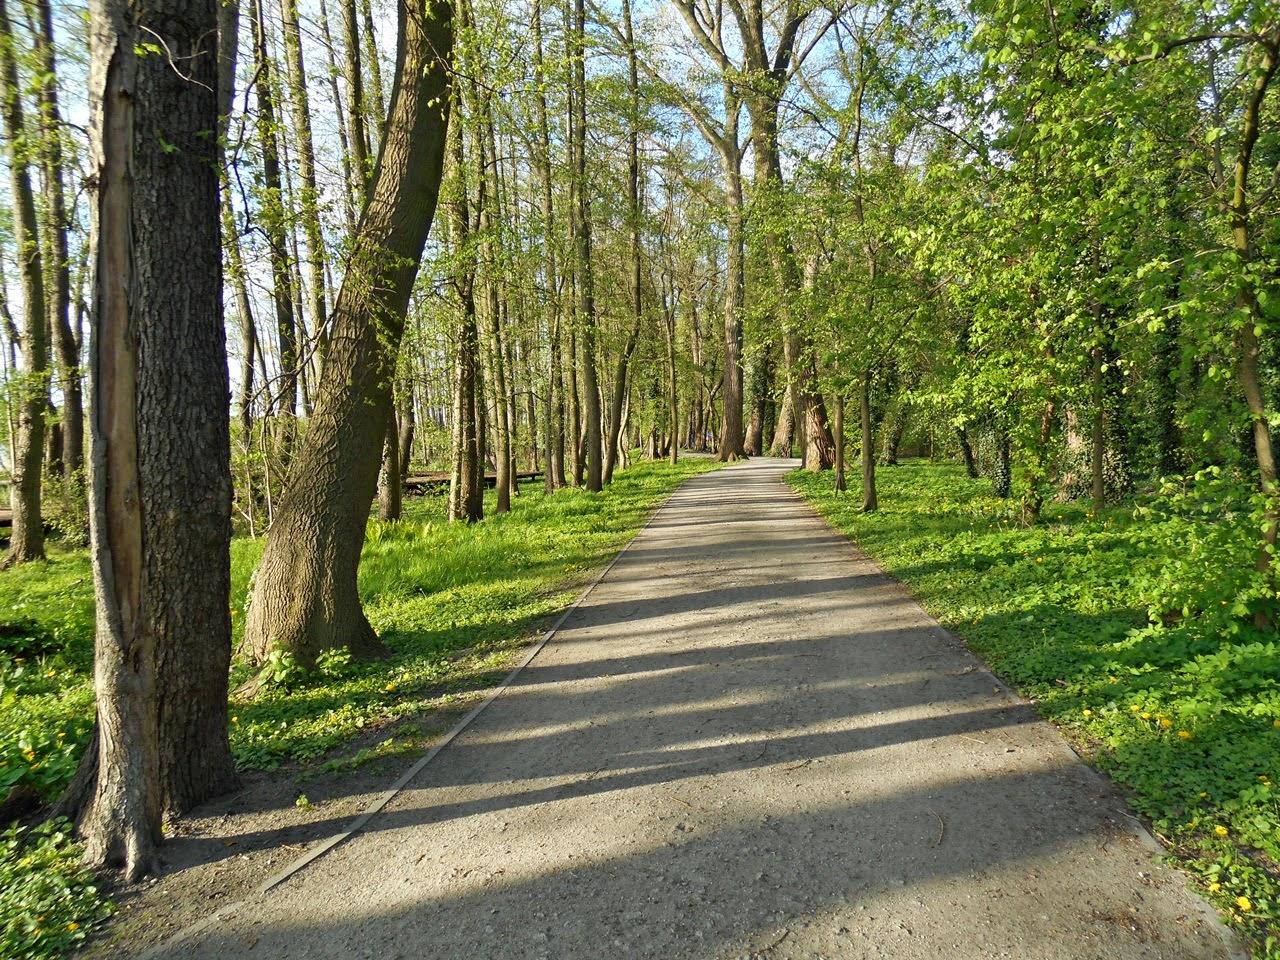 droga, drzewa, jezioro, zieleń, las